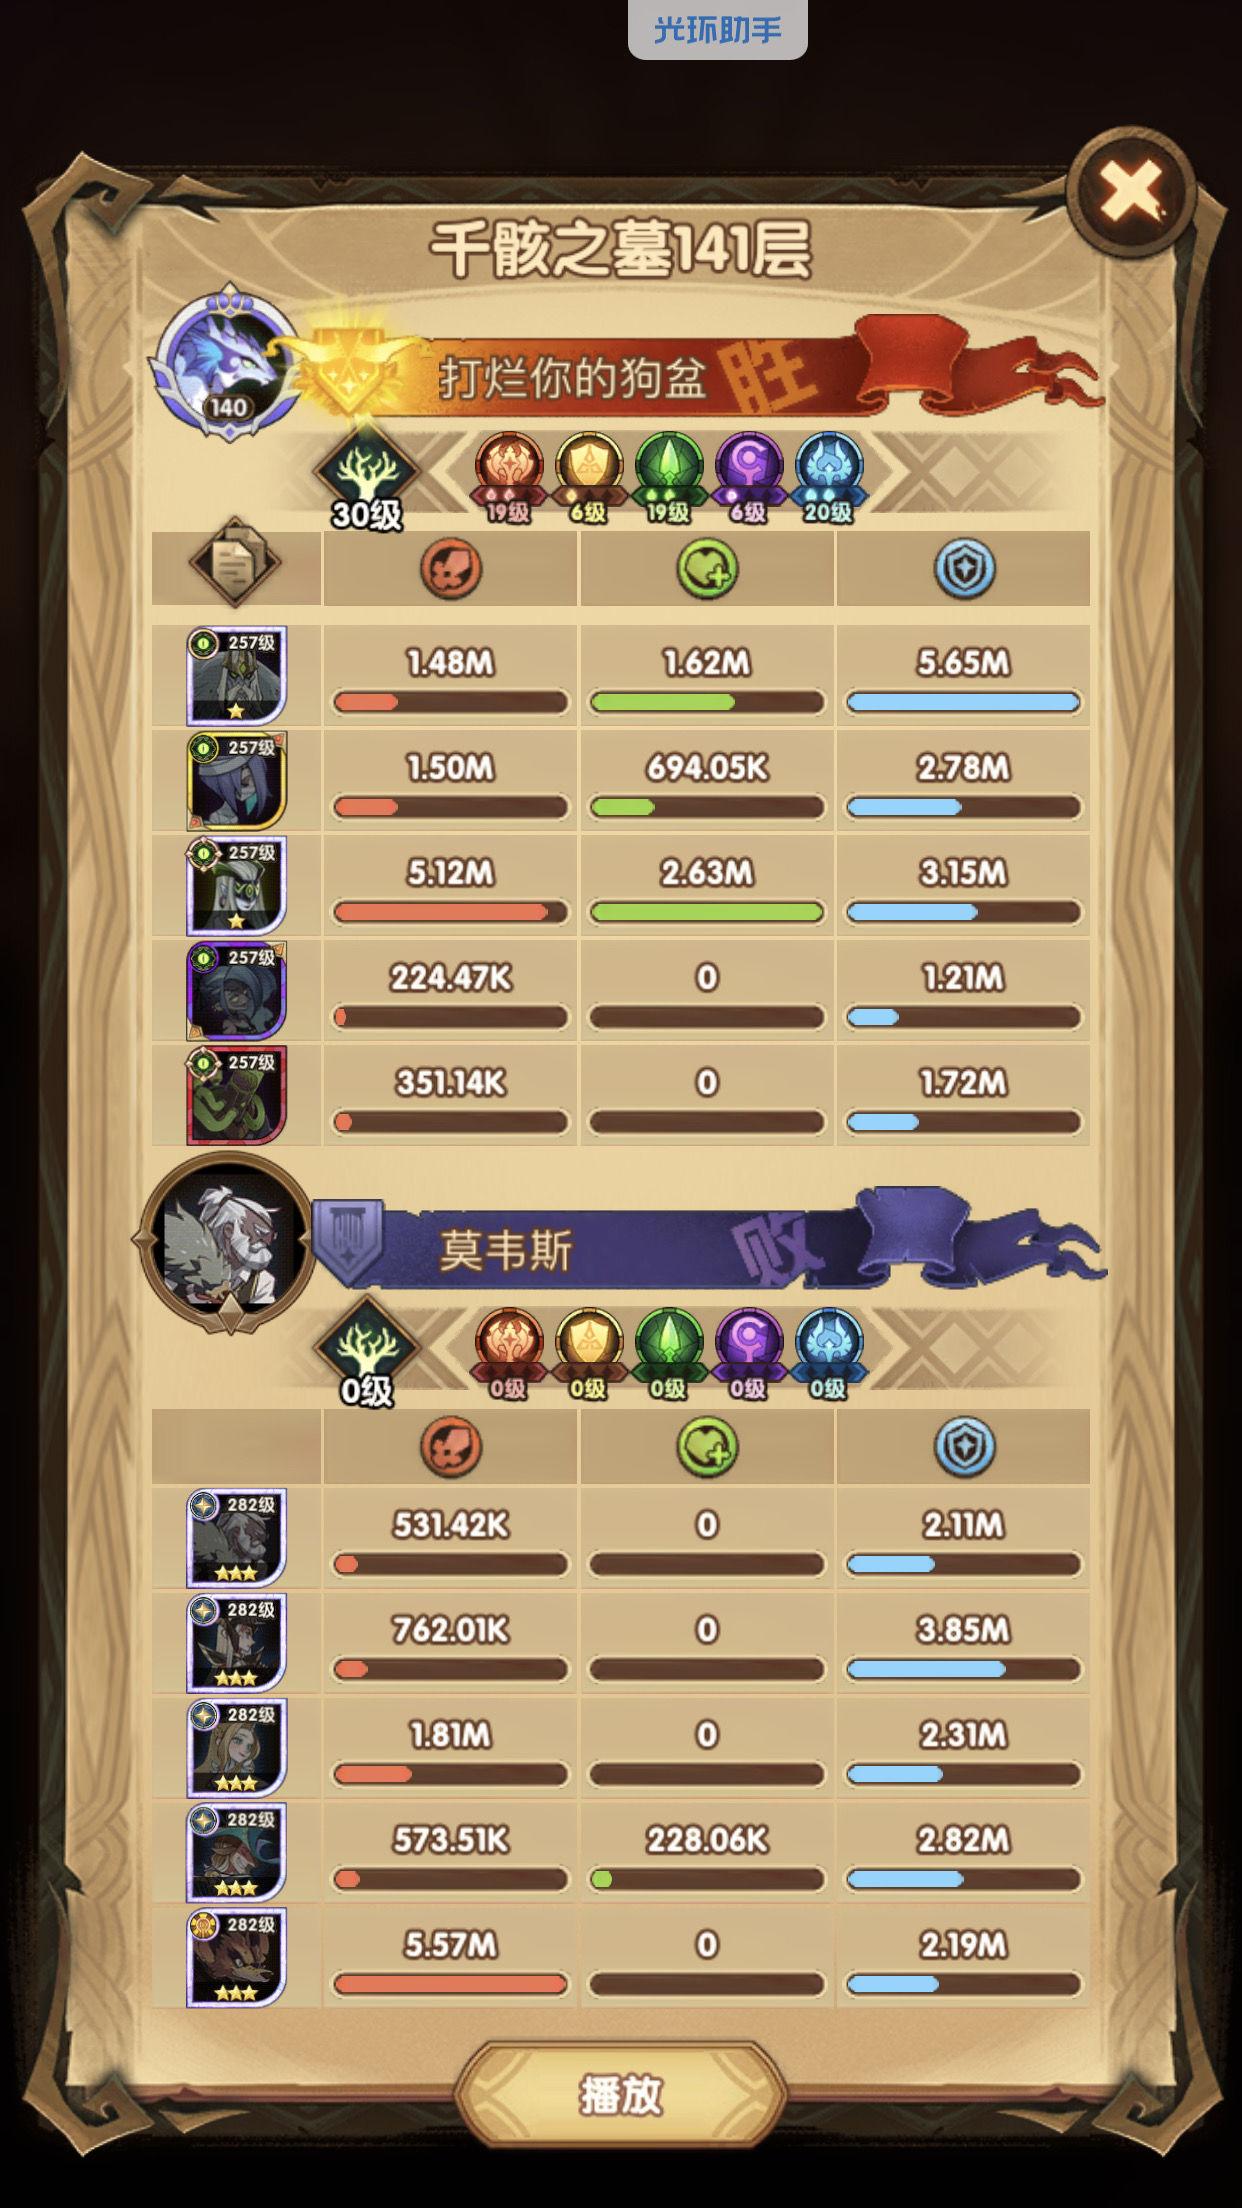 剑与远征亡灵塔141层攻略 阵容搭配及玩法分享